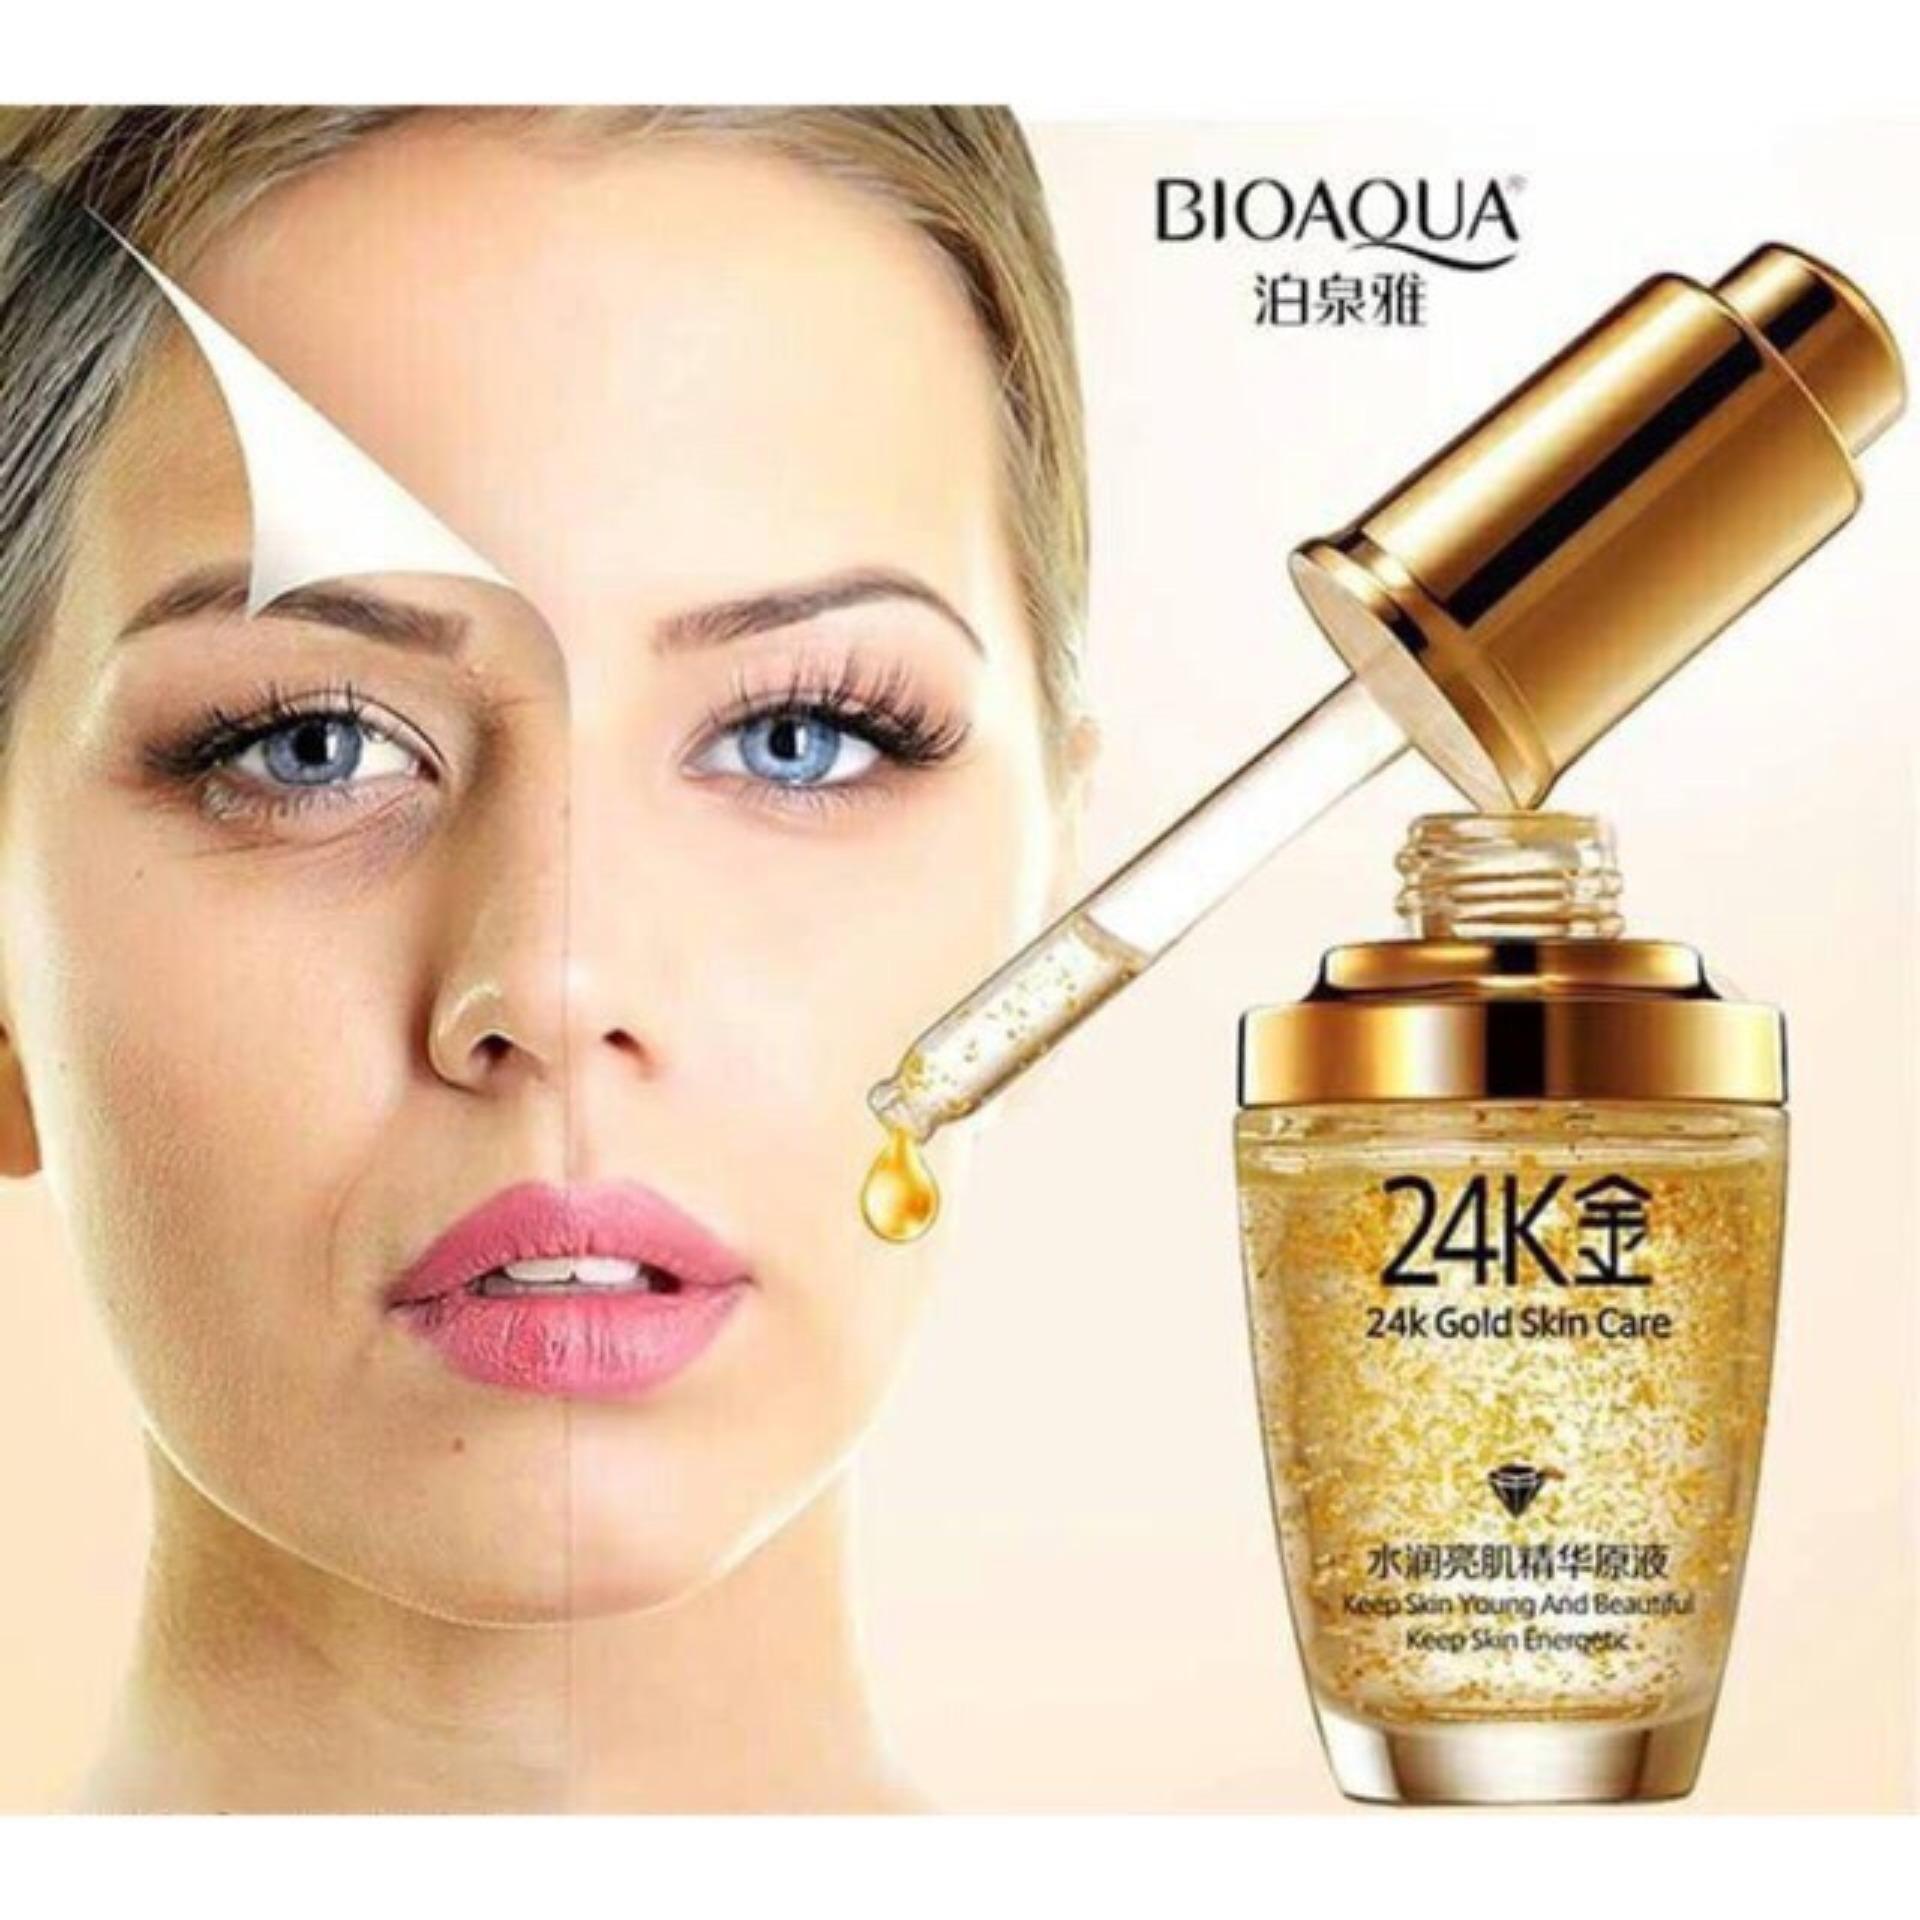 Hình ảnh SERUM 24K GOLD - Tinh chất dưỡng da chuyên sâu trắng da và chống lão hóa Bioaqua